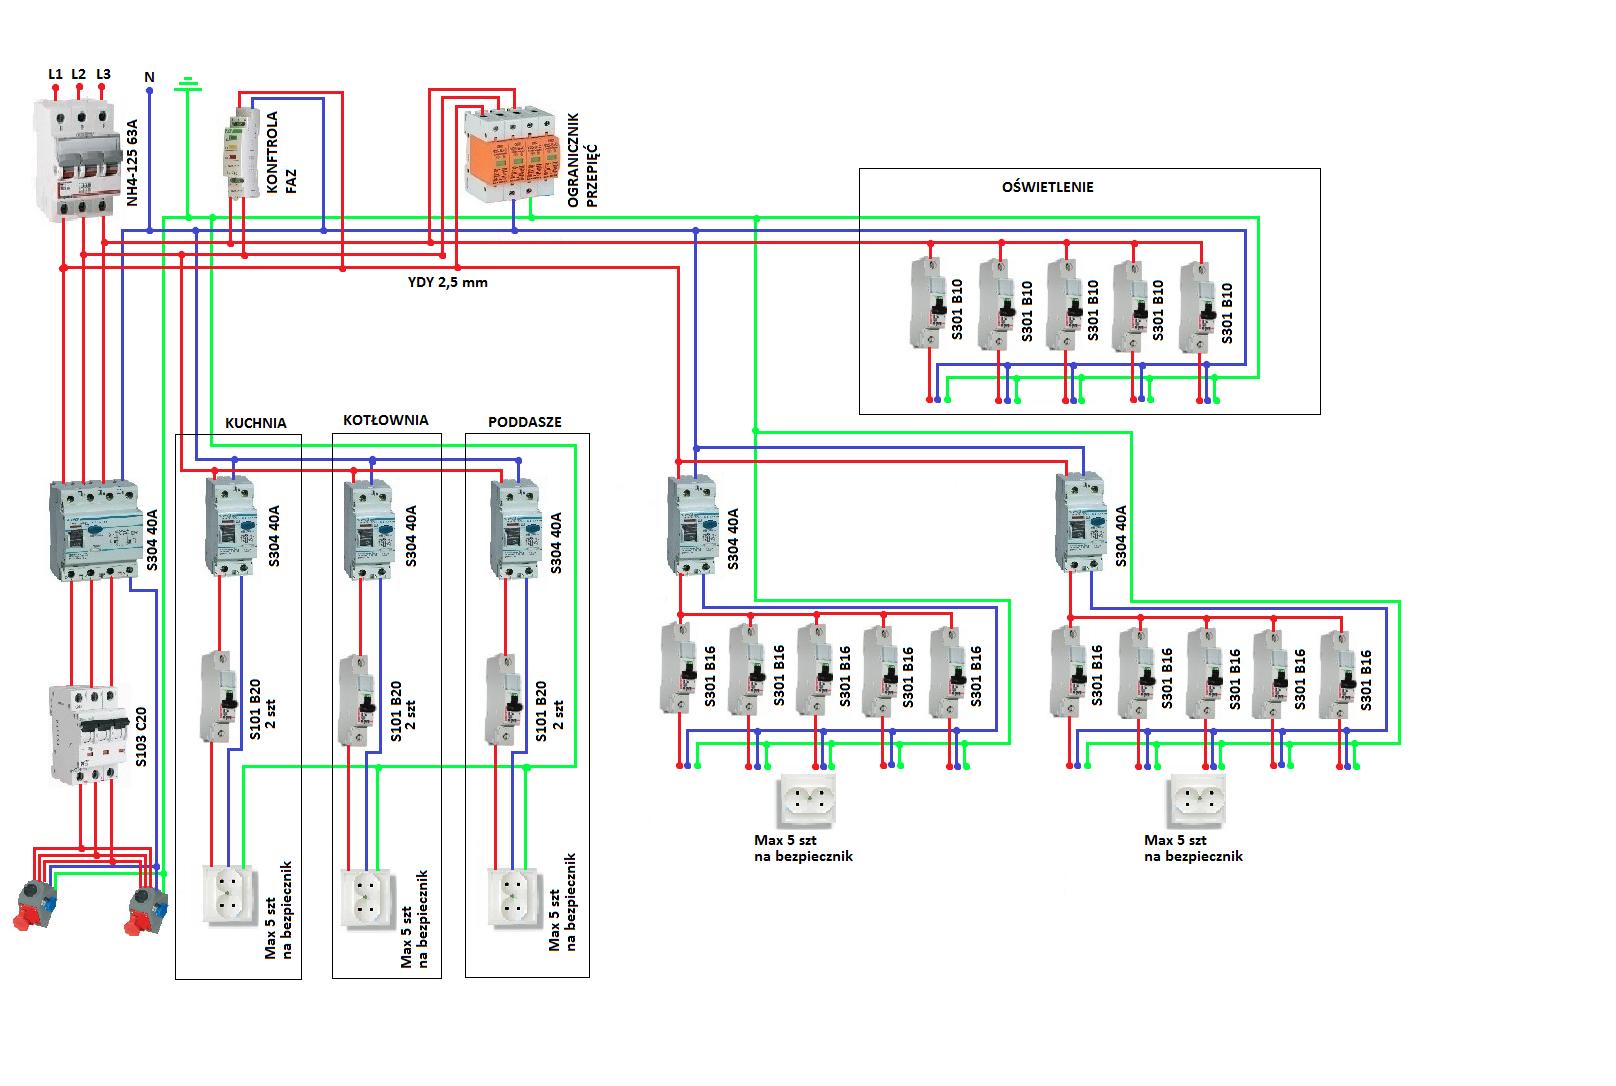 Domowe Instalacje Elektryczne Schematy